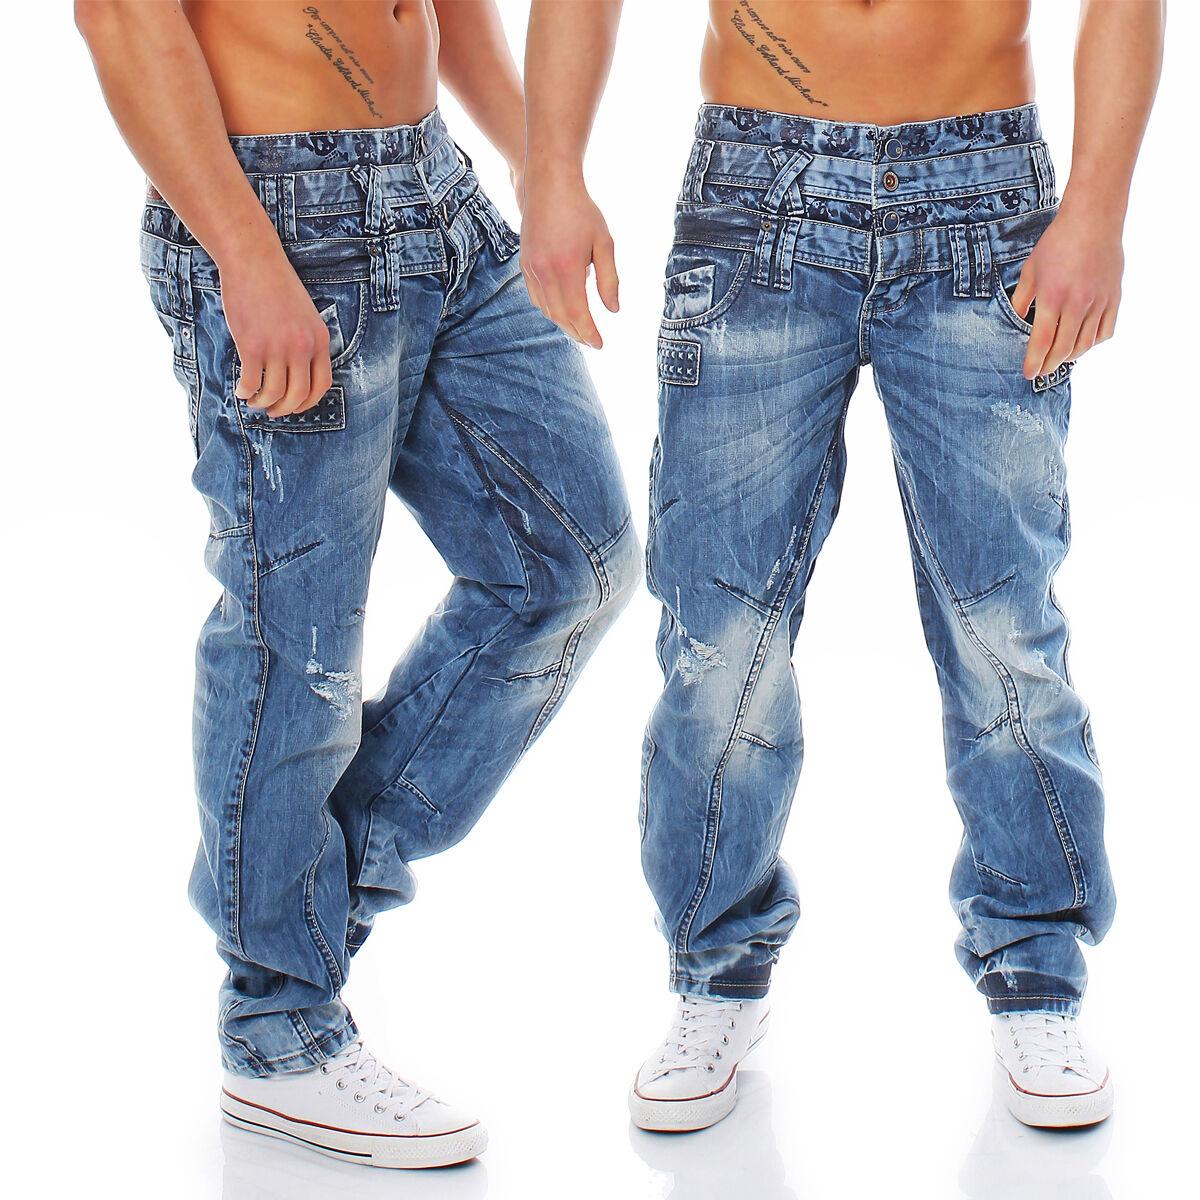 Cipo & Baxx - c-1061 - regolare fit - Jeans Pantaloni Uomo - NUOVO